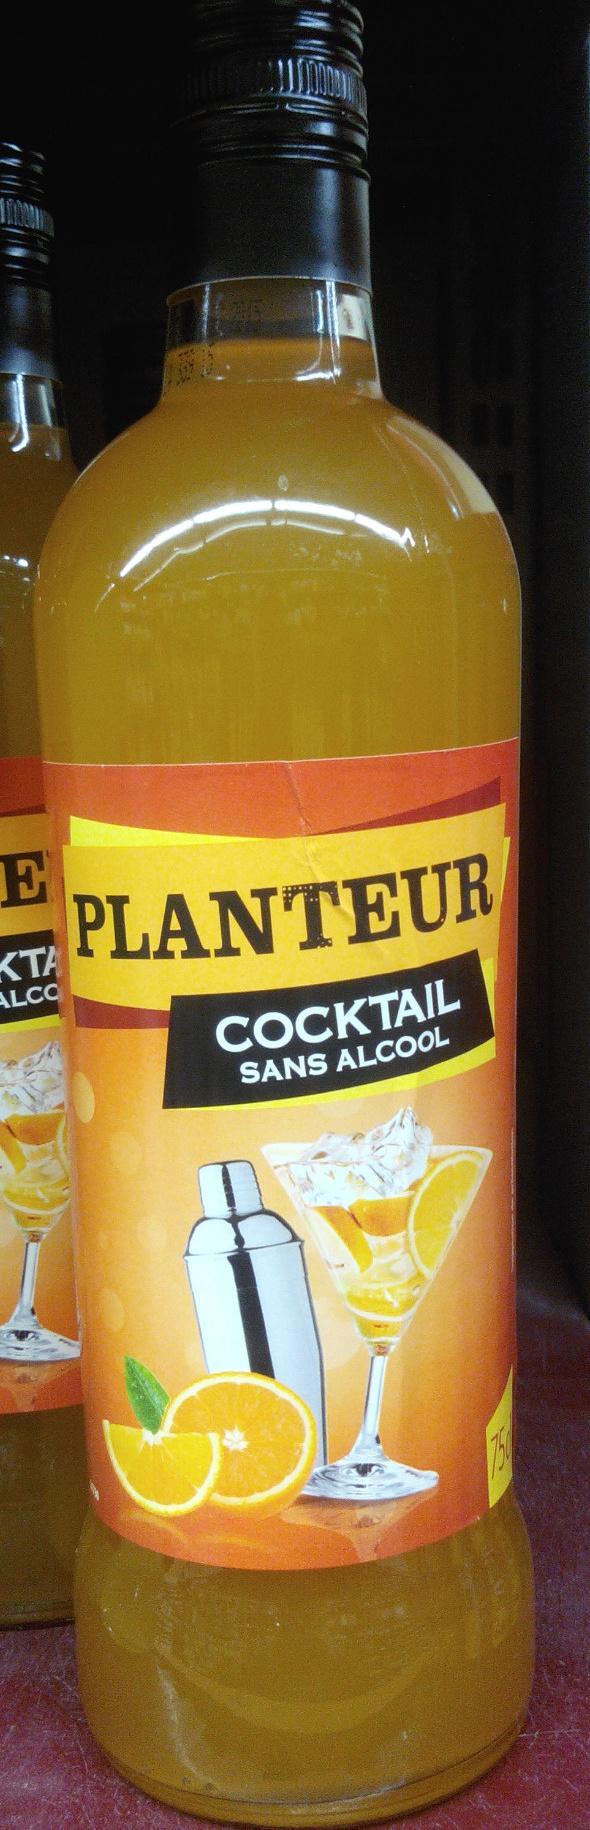 Cocktail sans alcool planteur - Product - fr